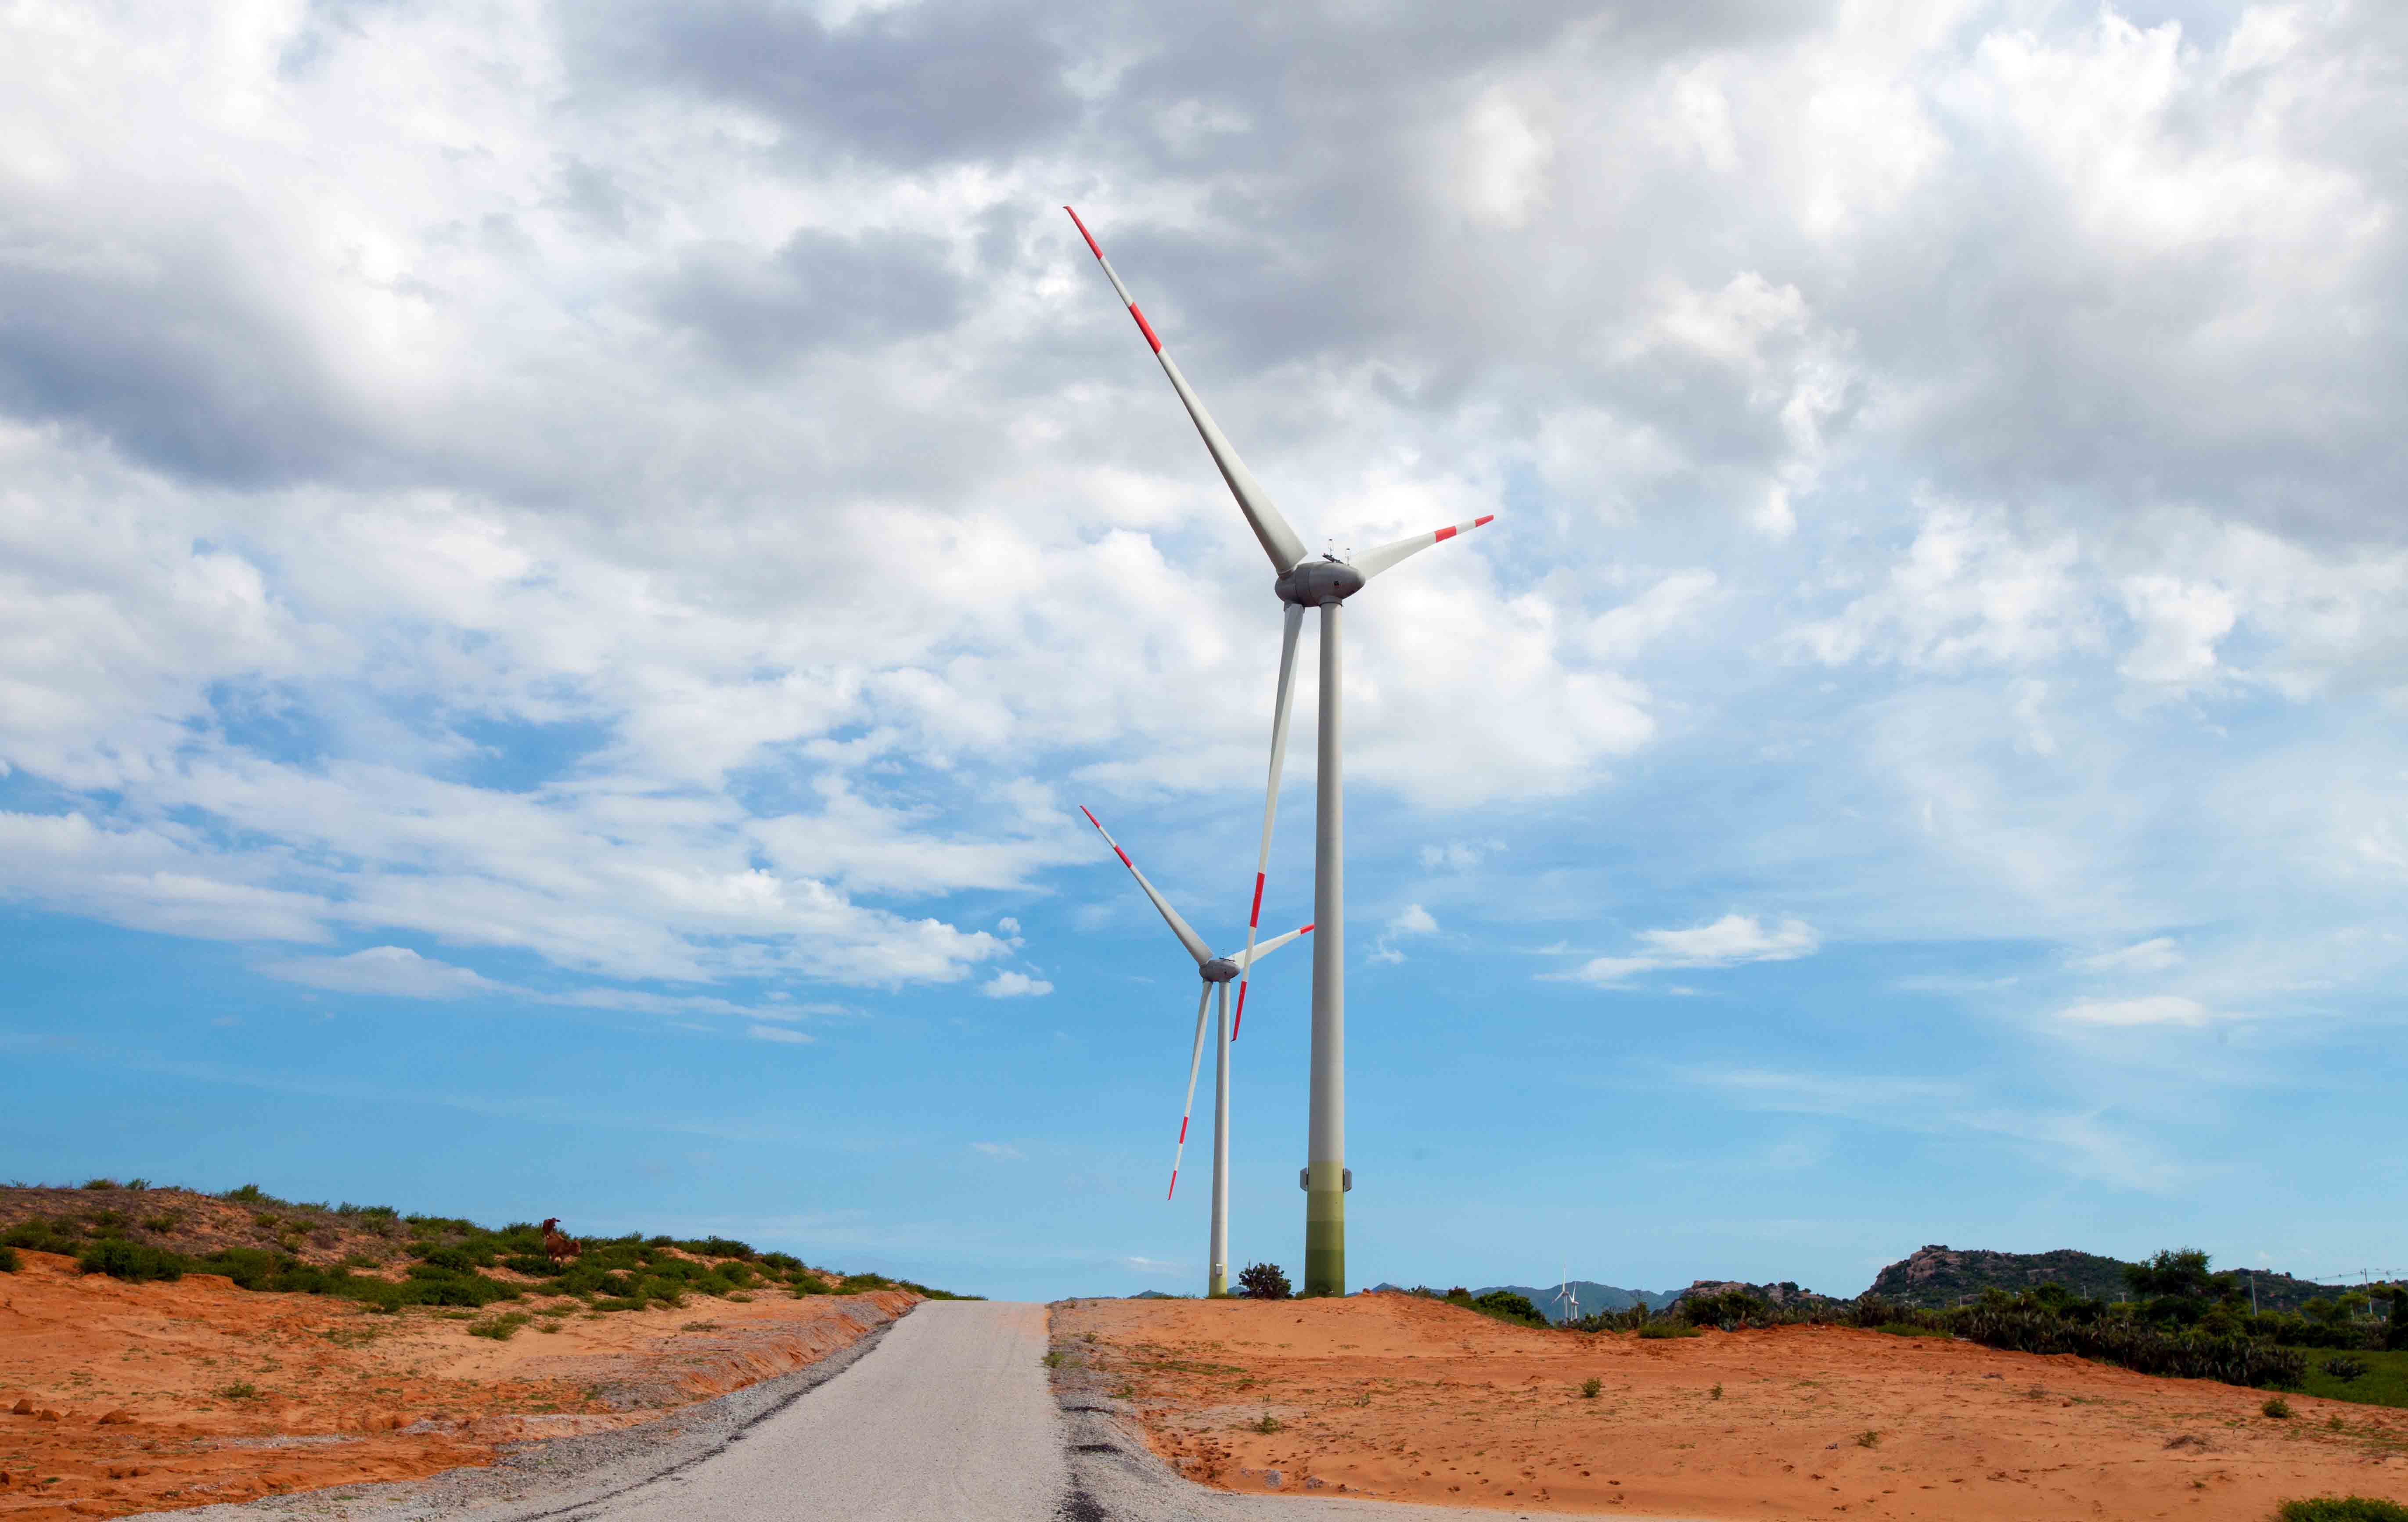 Cánh đồng quạt gió Mũi Dinh nằm giữa sa mạc cát rộng lớn nên càng nổi bật những trụ phong điện với ba cánh quạt khổng lồ, cao 85m, nặng gần 200 tấn giữa bốn bề thoáng rộng và mênh mông biển xanh, cát trắng.